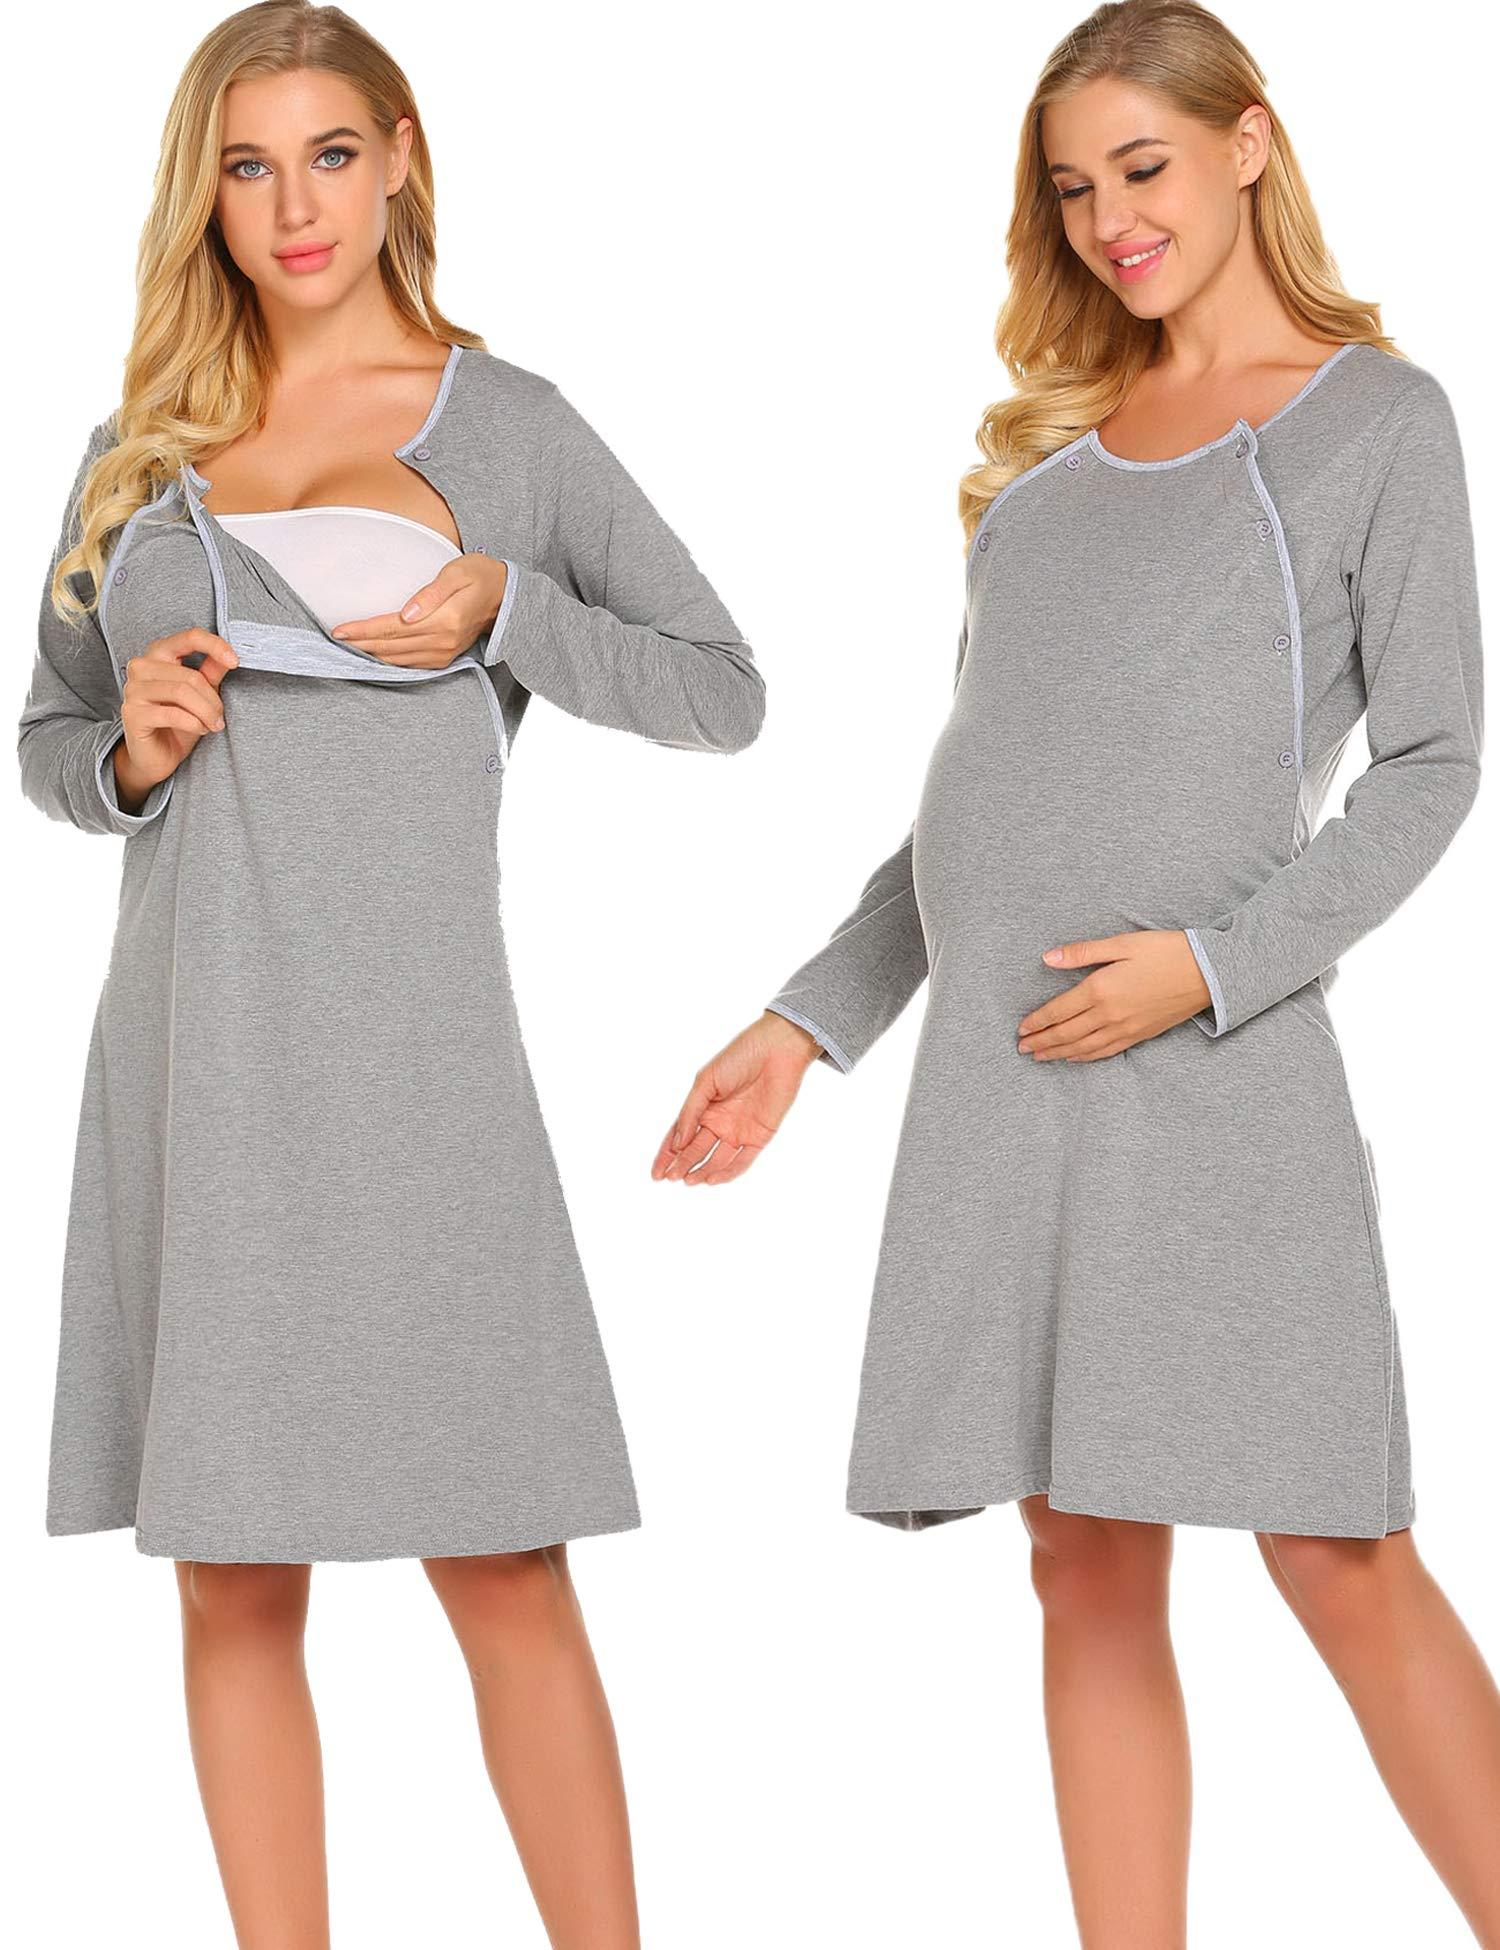 Ekouaer Nursing Nightgown Nightdress Hospital Gown Delivery/Labor/Maternity/Pregnancy Soft Breastfeeding Dress,Cdark Grey,Medium